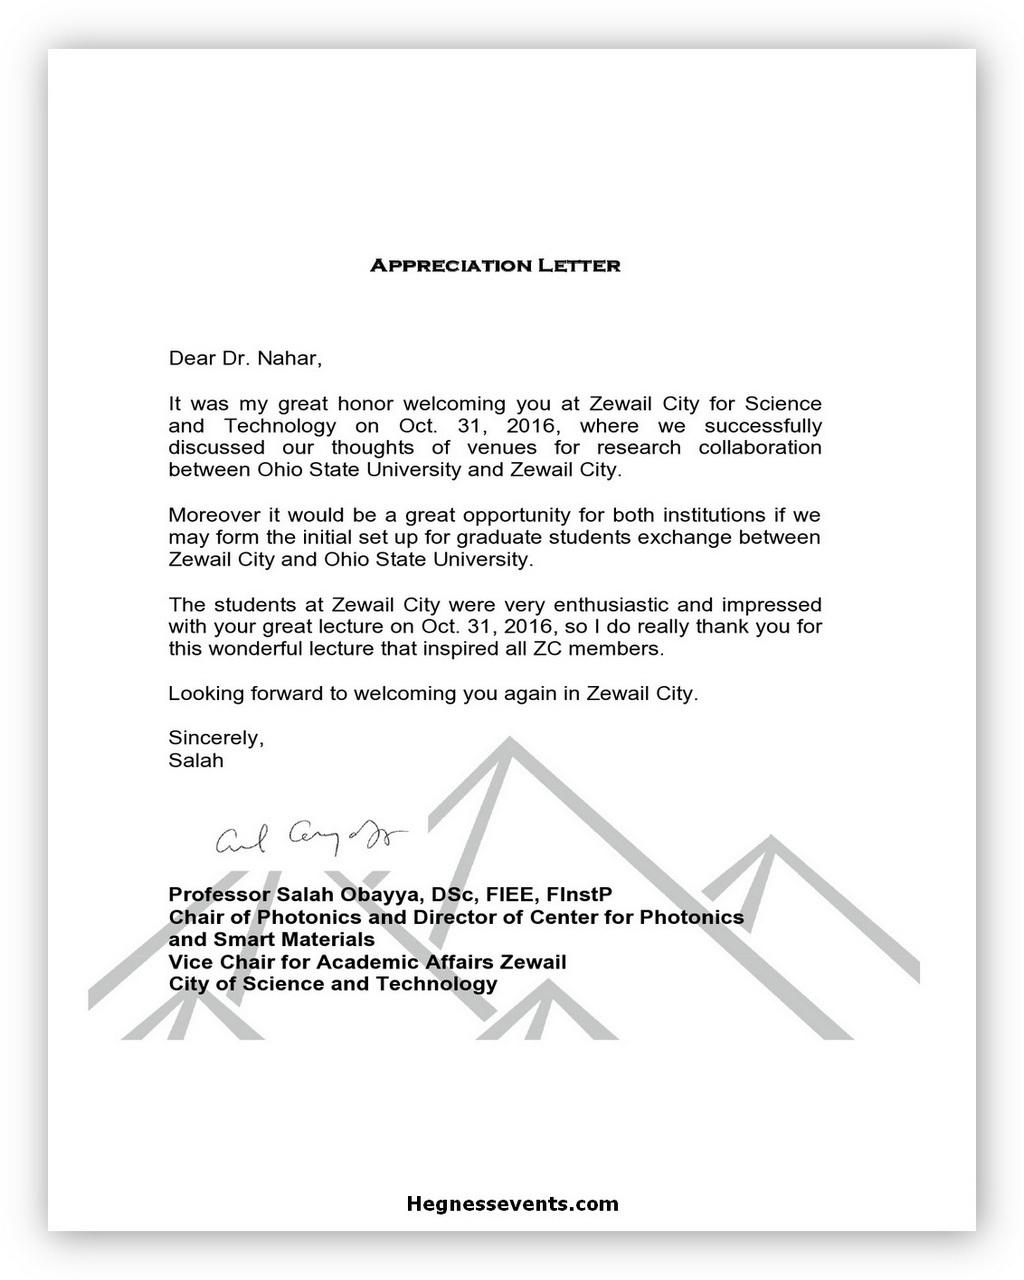 Appreciation Letter Template 06